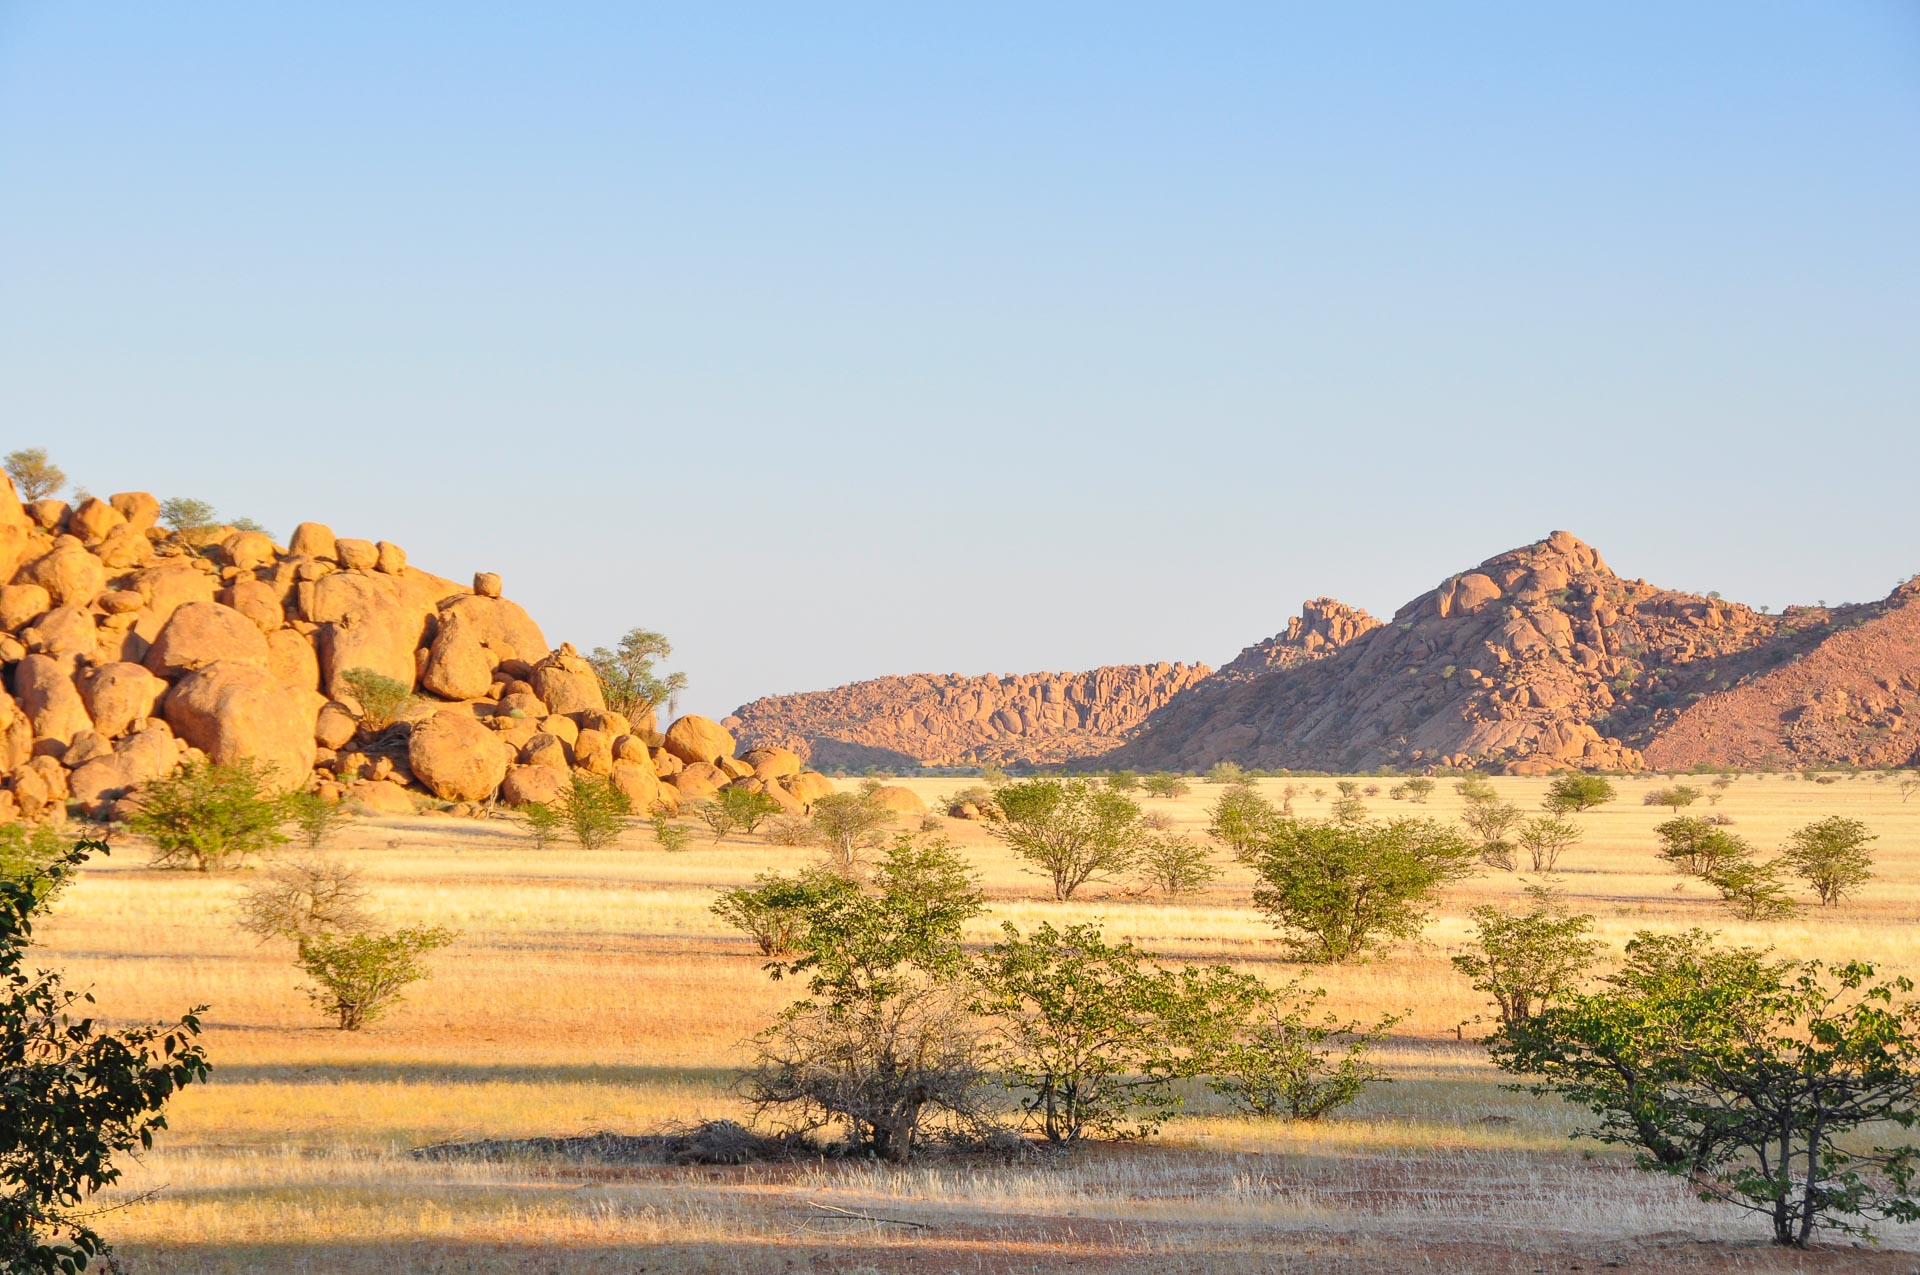 Damaraland-Namibia-Globetrotter-Select-27